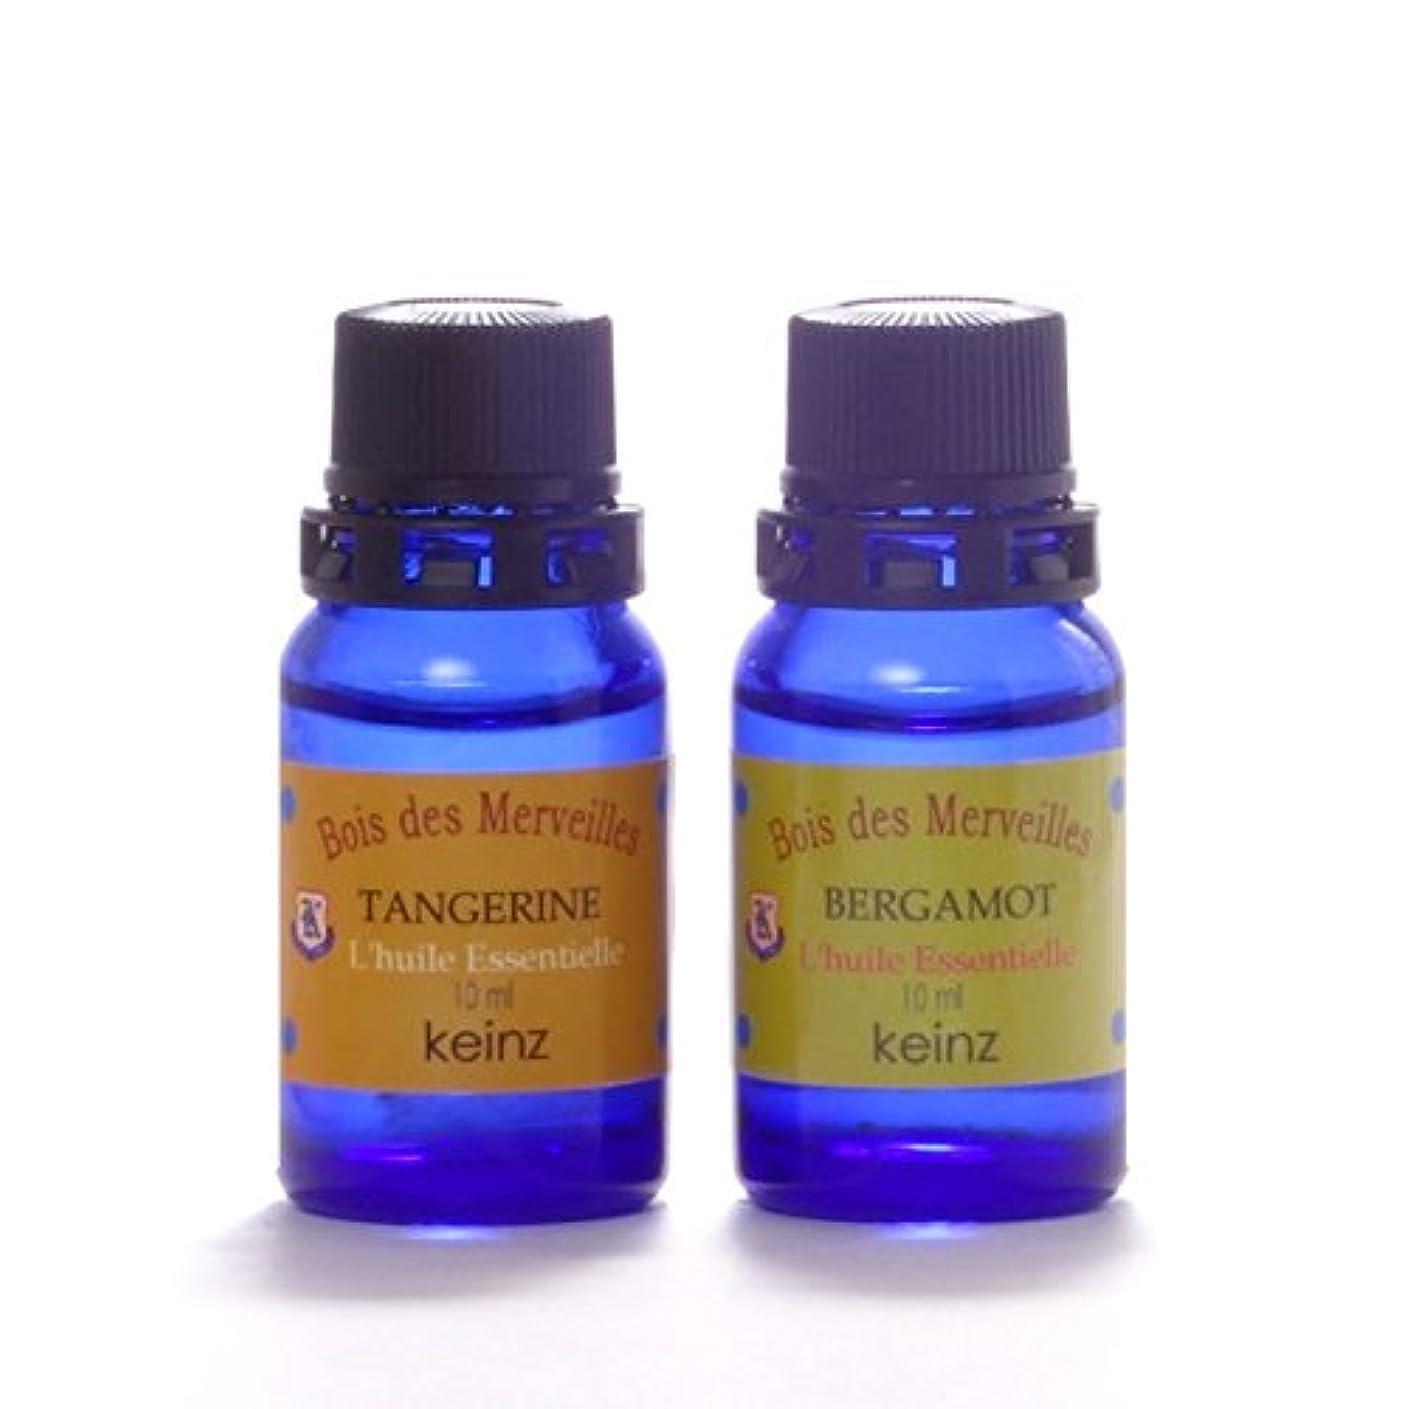 旋回防水意識keinzエッセンシャルオイル「タンジェリン10ml&ベルガモット10ml」2種1セット ケインズ正規品 製造国アメリカ 水蒸気蒸留法による100%無添加精油 人工香料は使っていません。